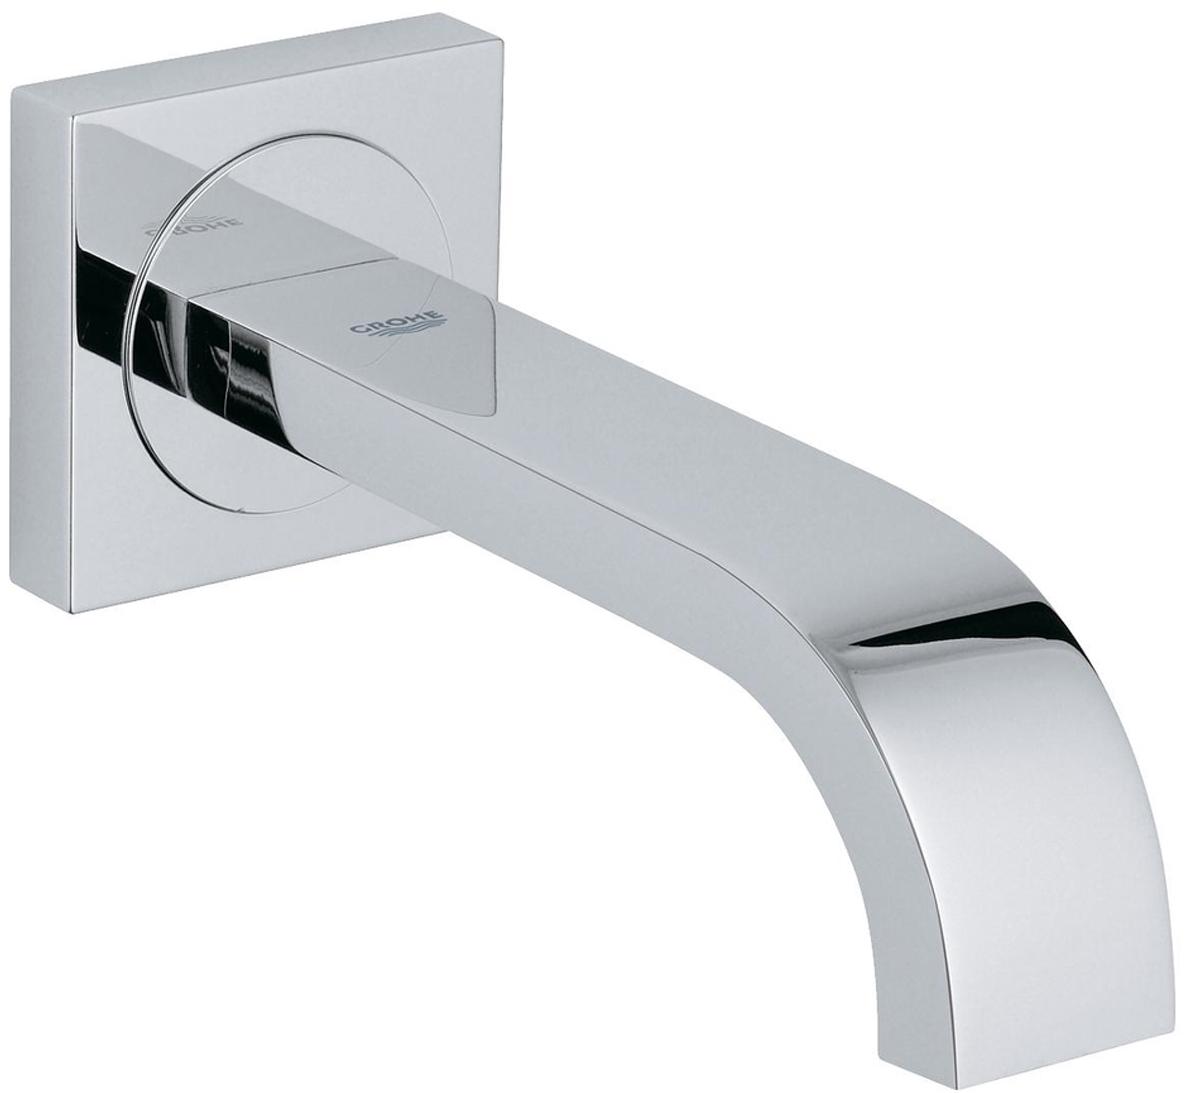 Излив для ванны GROHE Allure. 1326400013264000Излив для ванны с настенным монтажом. Хромированная поверхность. Вынос 172 мм, аэратор, минимальное давление 1,0 бар.